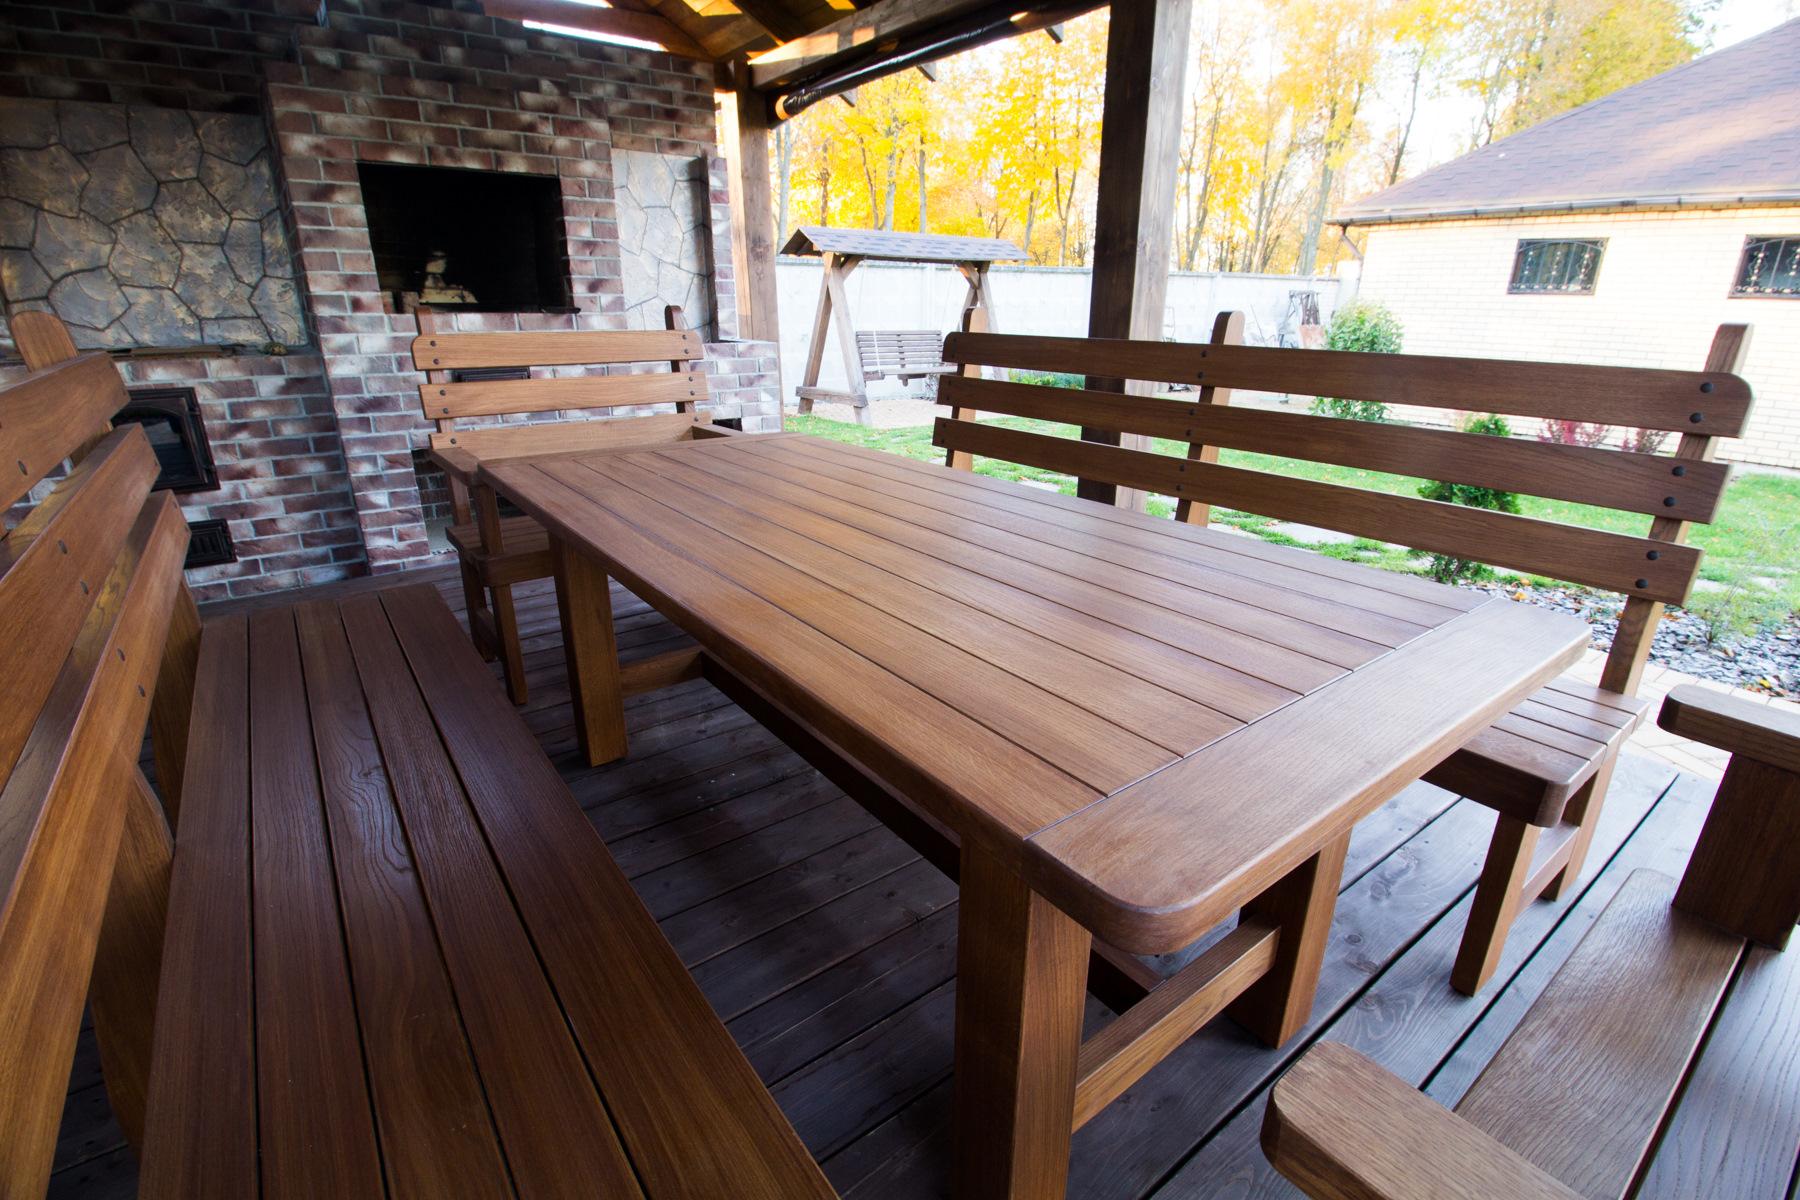 основания деревянные столы для беседки фото так чукчи называют